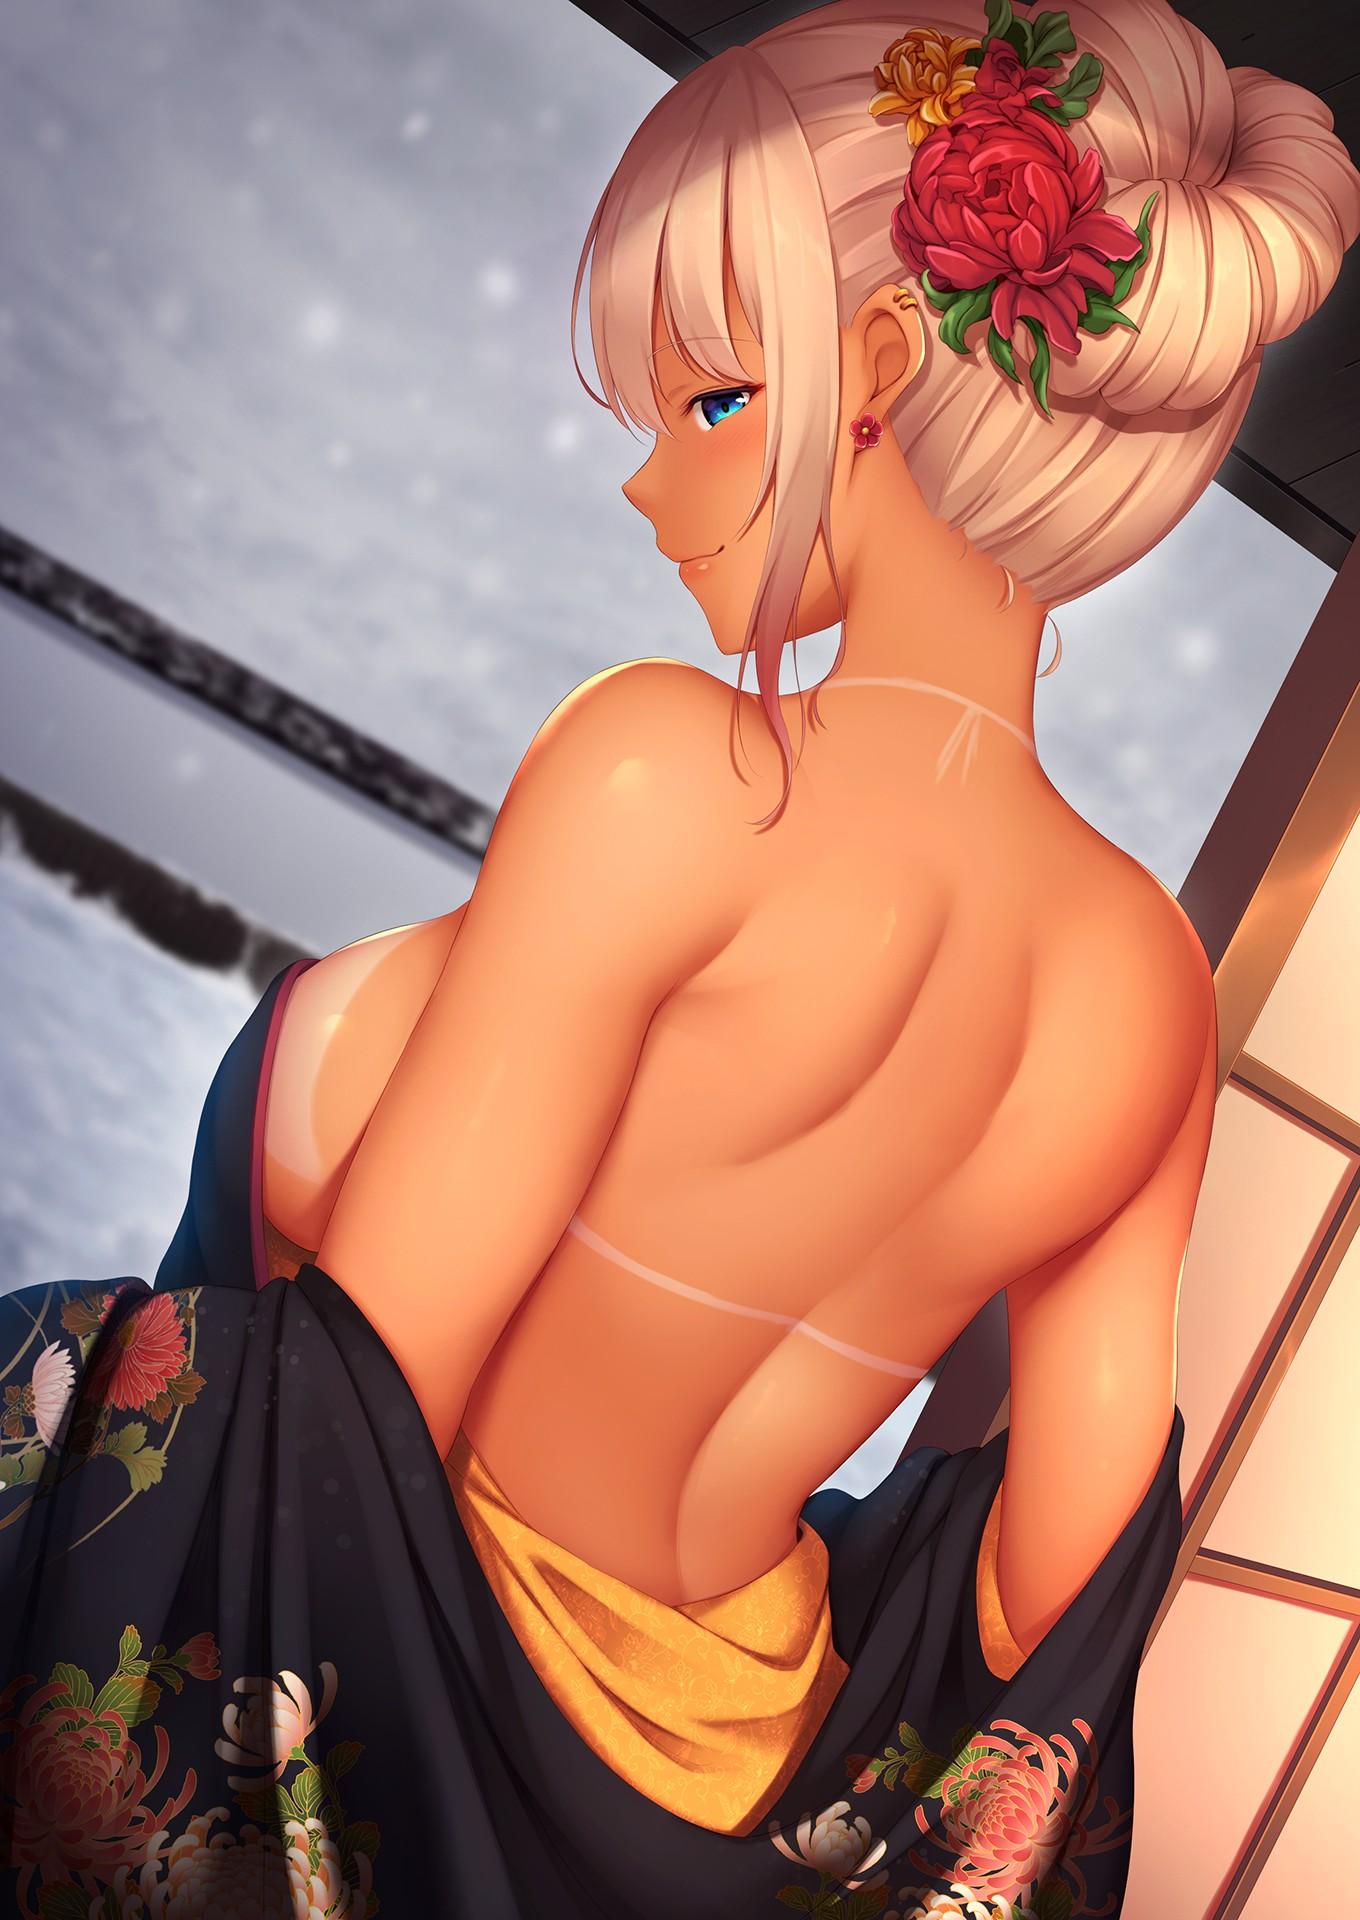 【2次】 背中が綺麗な女の子のエロ画像その17